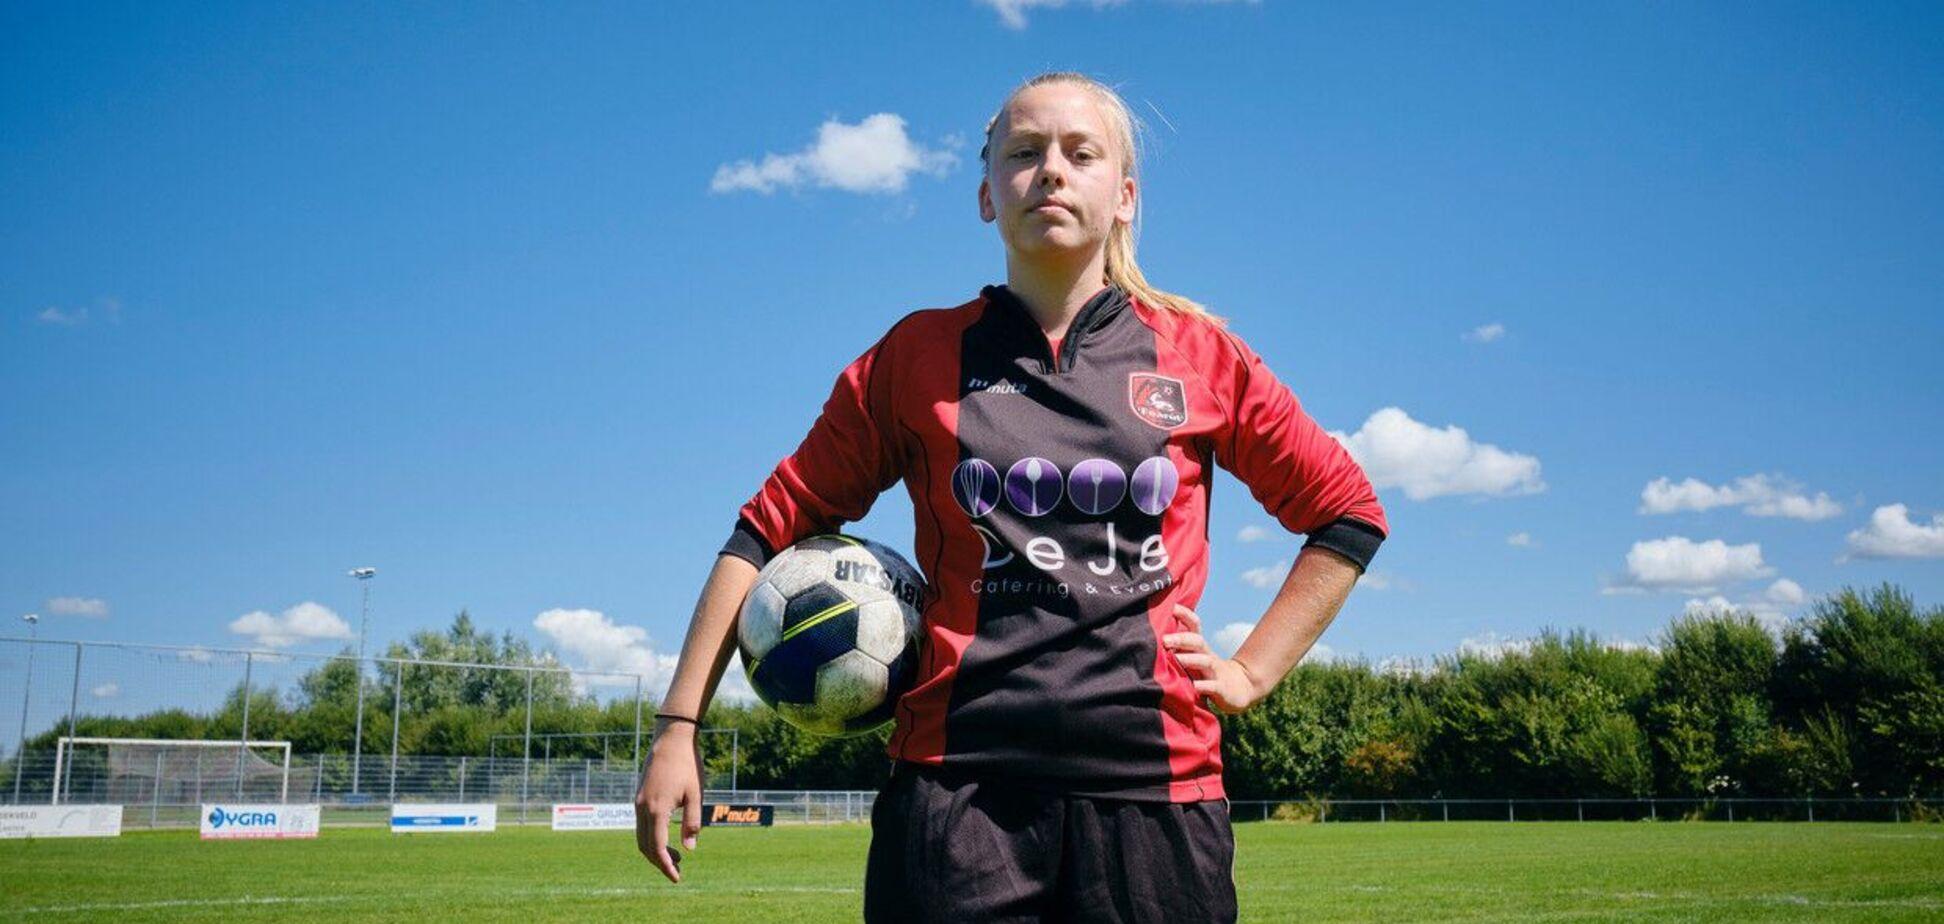 Эллен Фоккема будет выступать с партнерами-мужчинами. Источник: KNVB